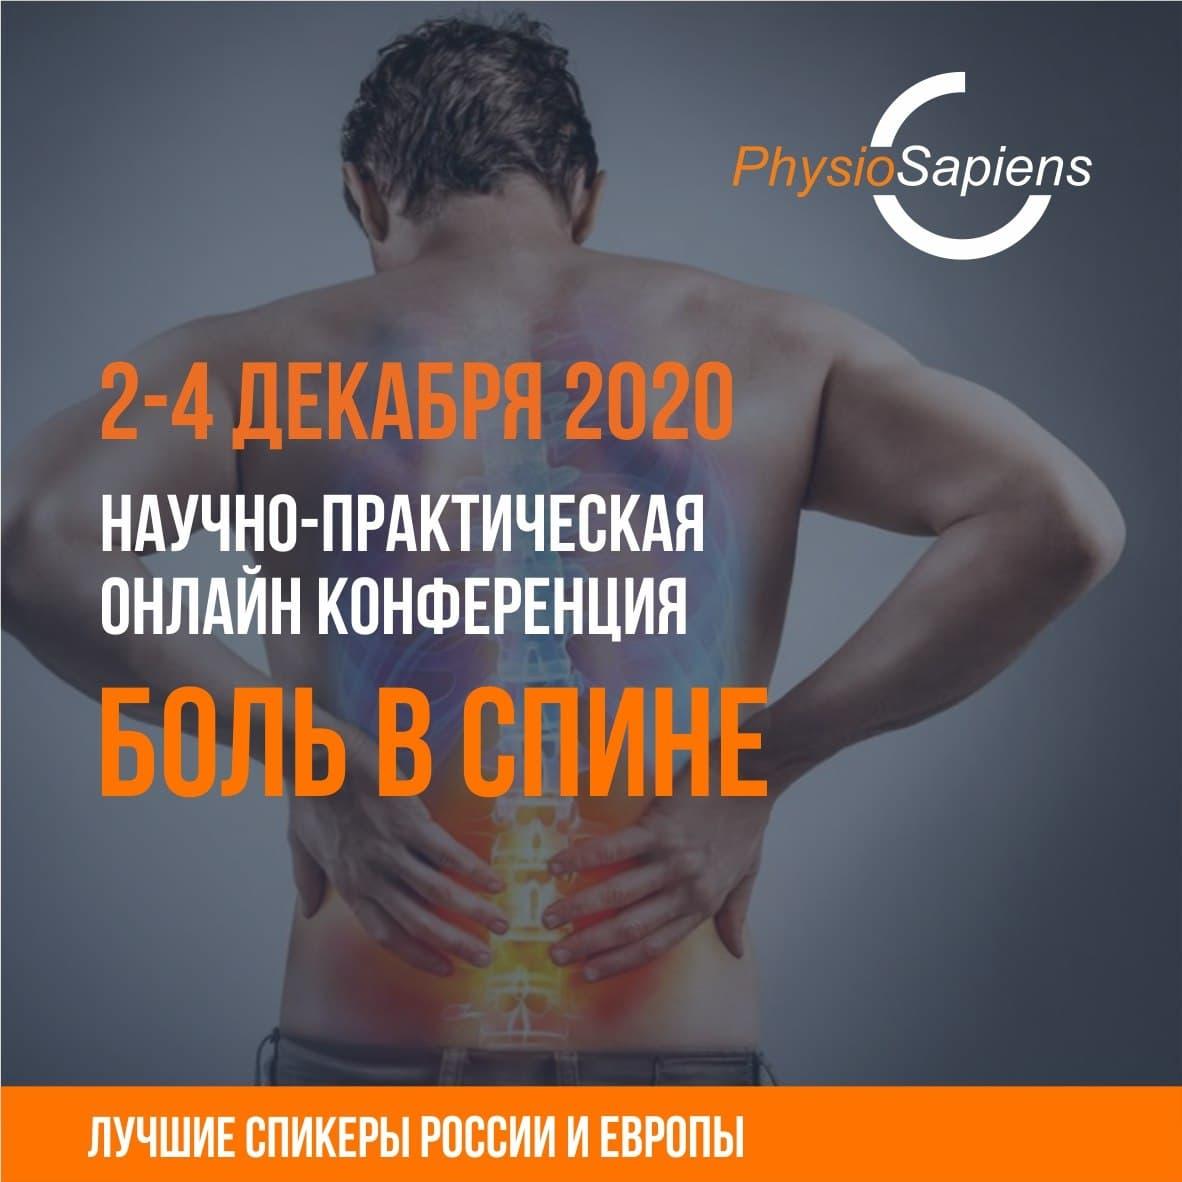 Конференция «Боль в спине»